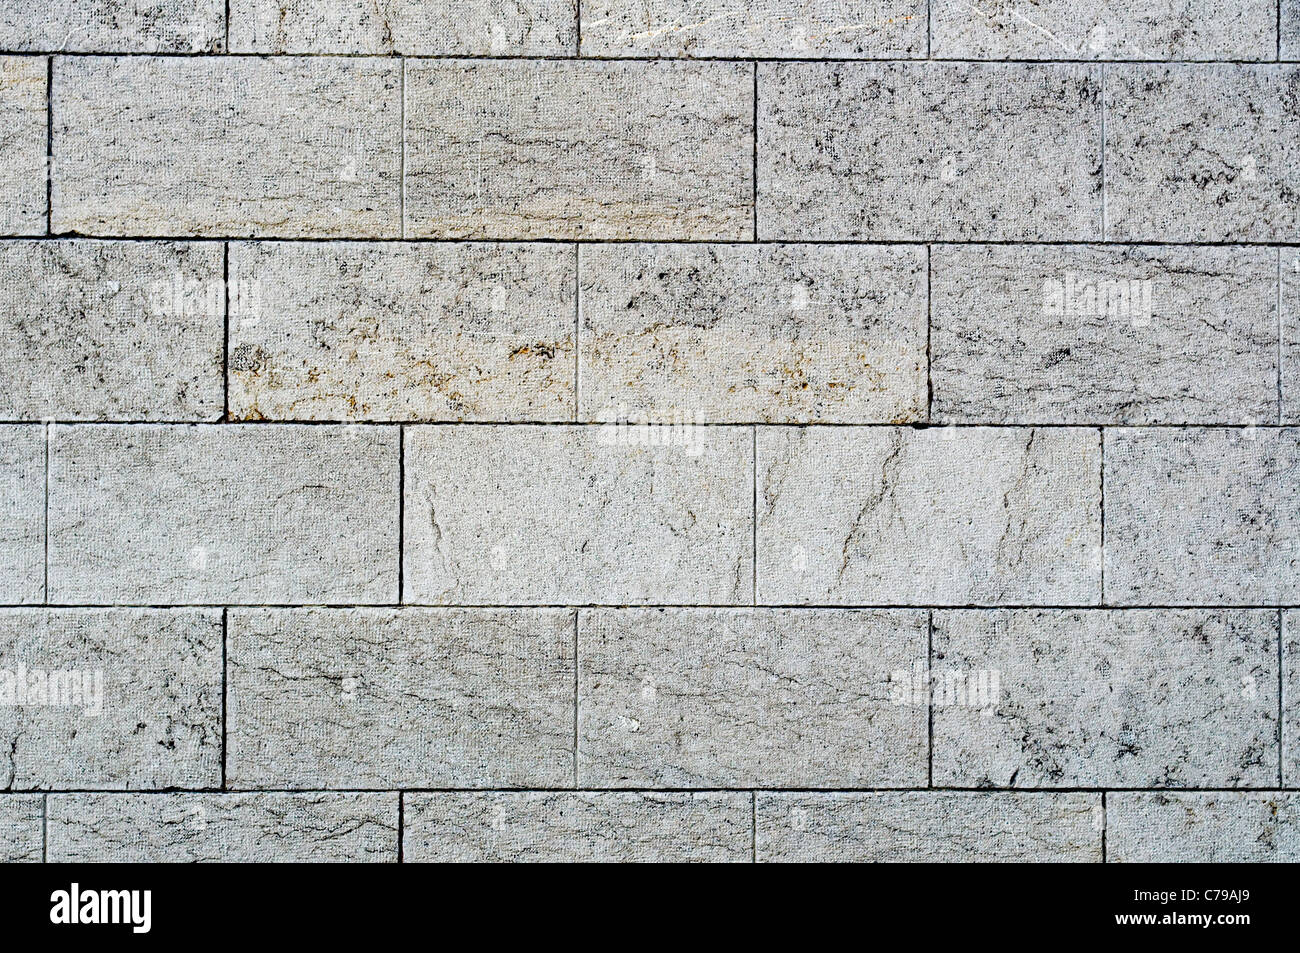 Textur von alten Steinmauern als Hintergrund Stockbild